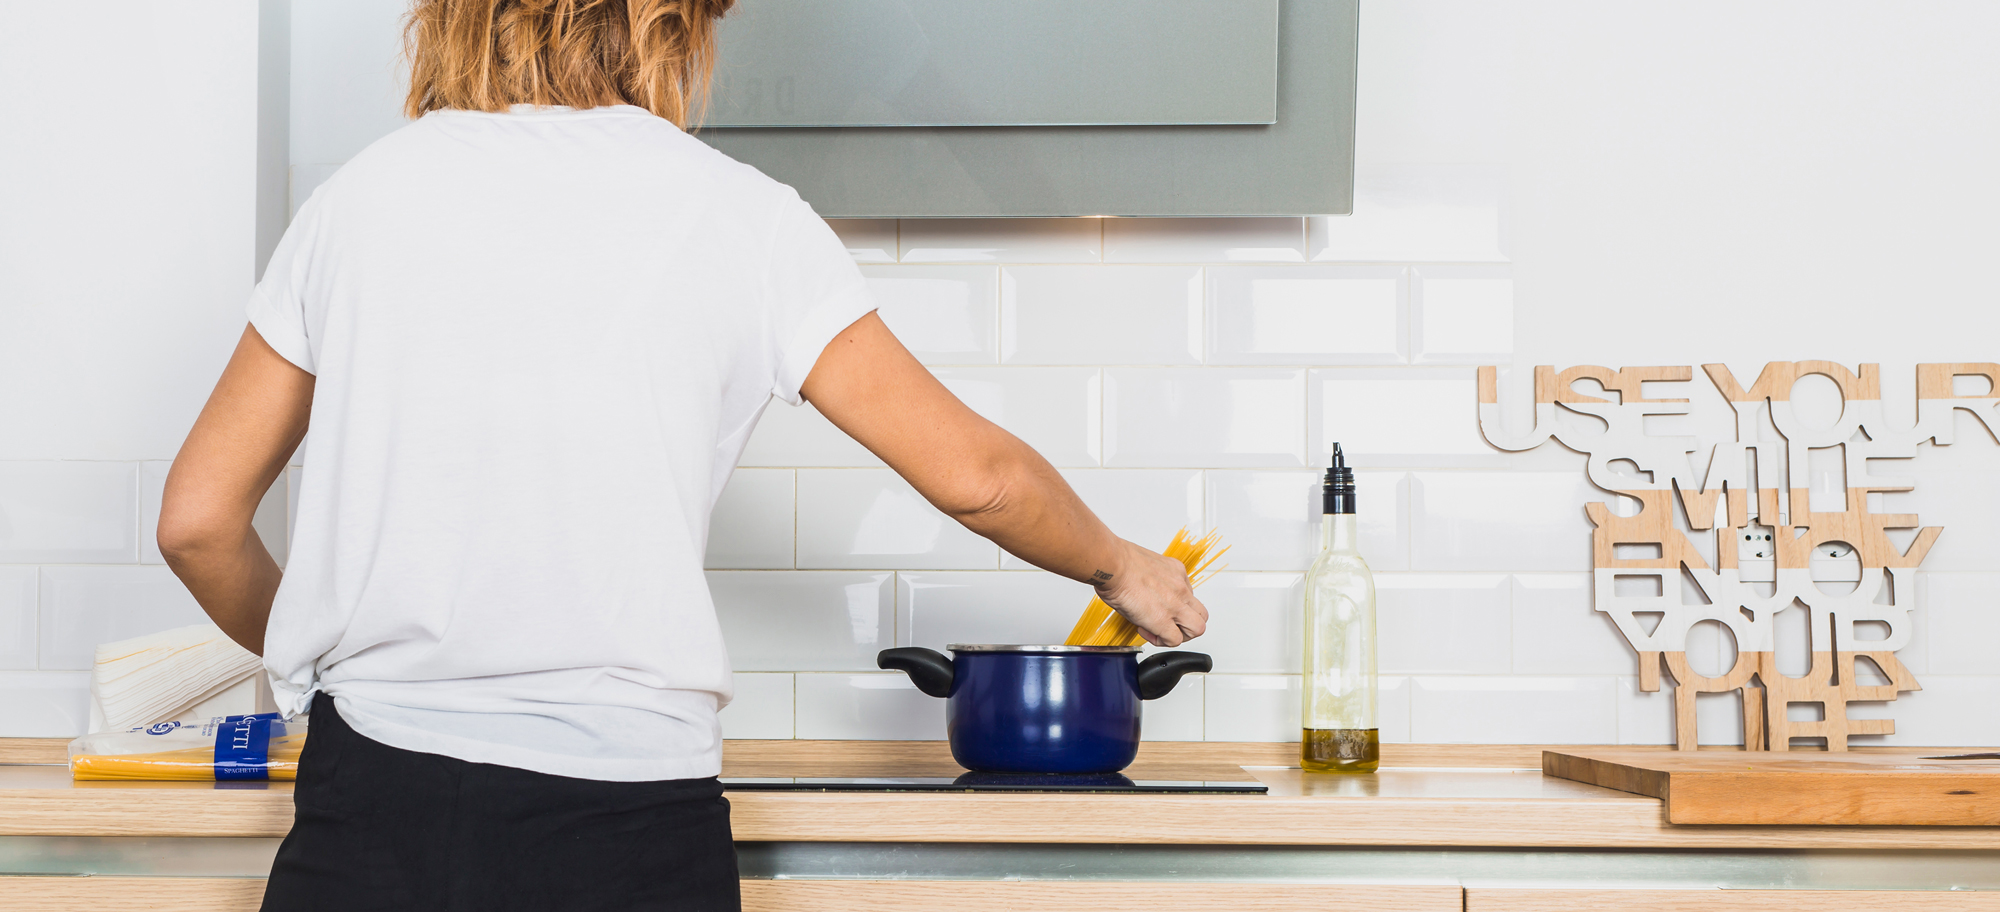 چطور از ظروف آشپزی روکششده با سرامیک به درستی مراقبت کنید